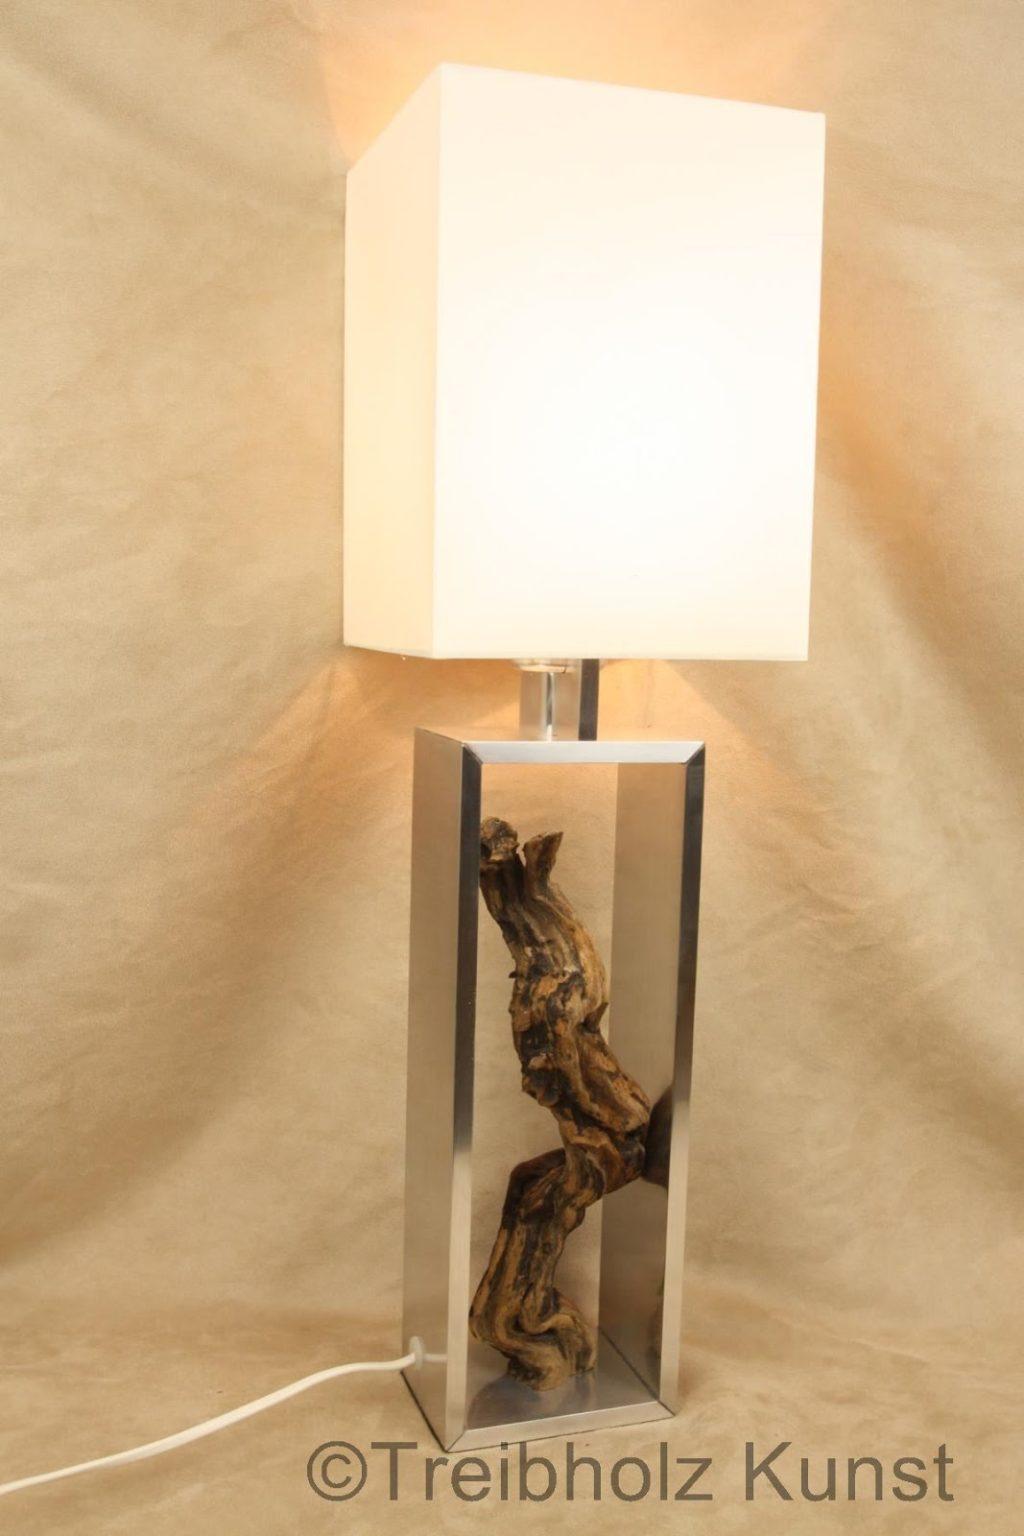 Full Size of Lampe Selber Bauen Holz Einzigartige Treibholz Lampen Zum Dusche Einbauen Massivholz Esstisch Bad Waschtisch Regal Wohnzimmer Deckenlampe Modulküche Massiv Wohnzimmer Lampe Selber Bauen Holz